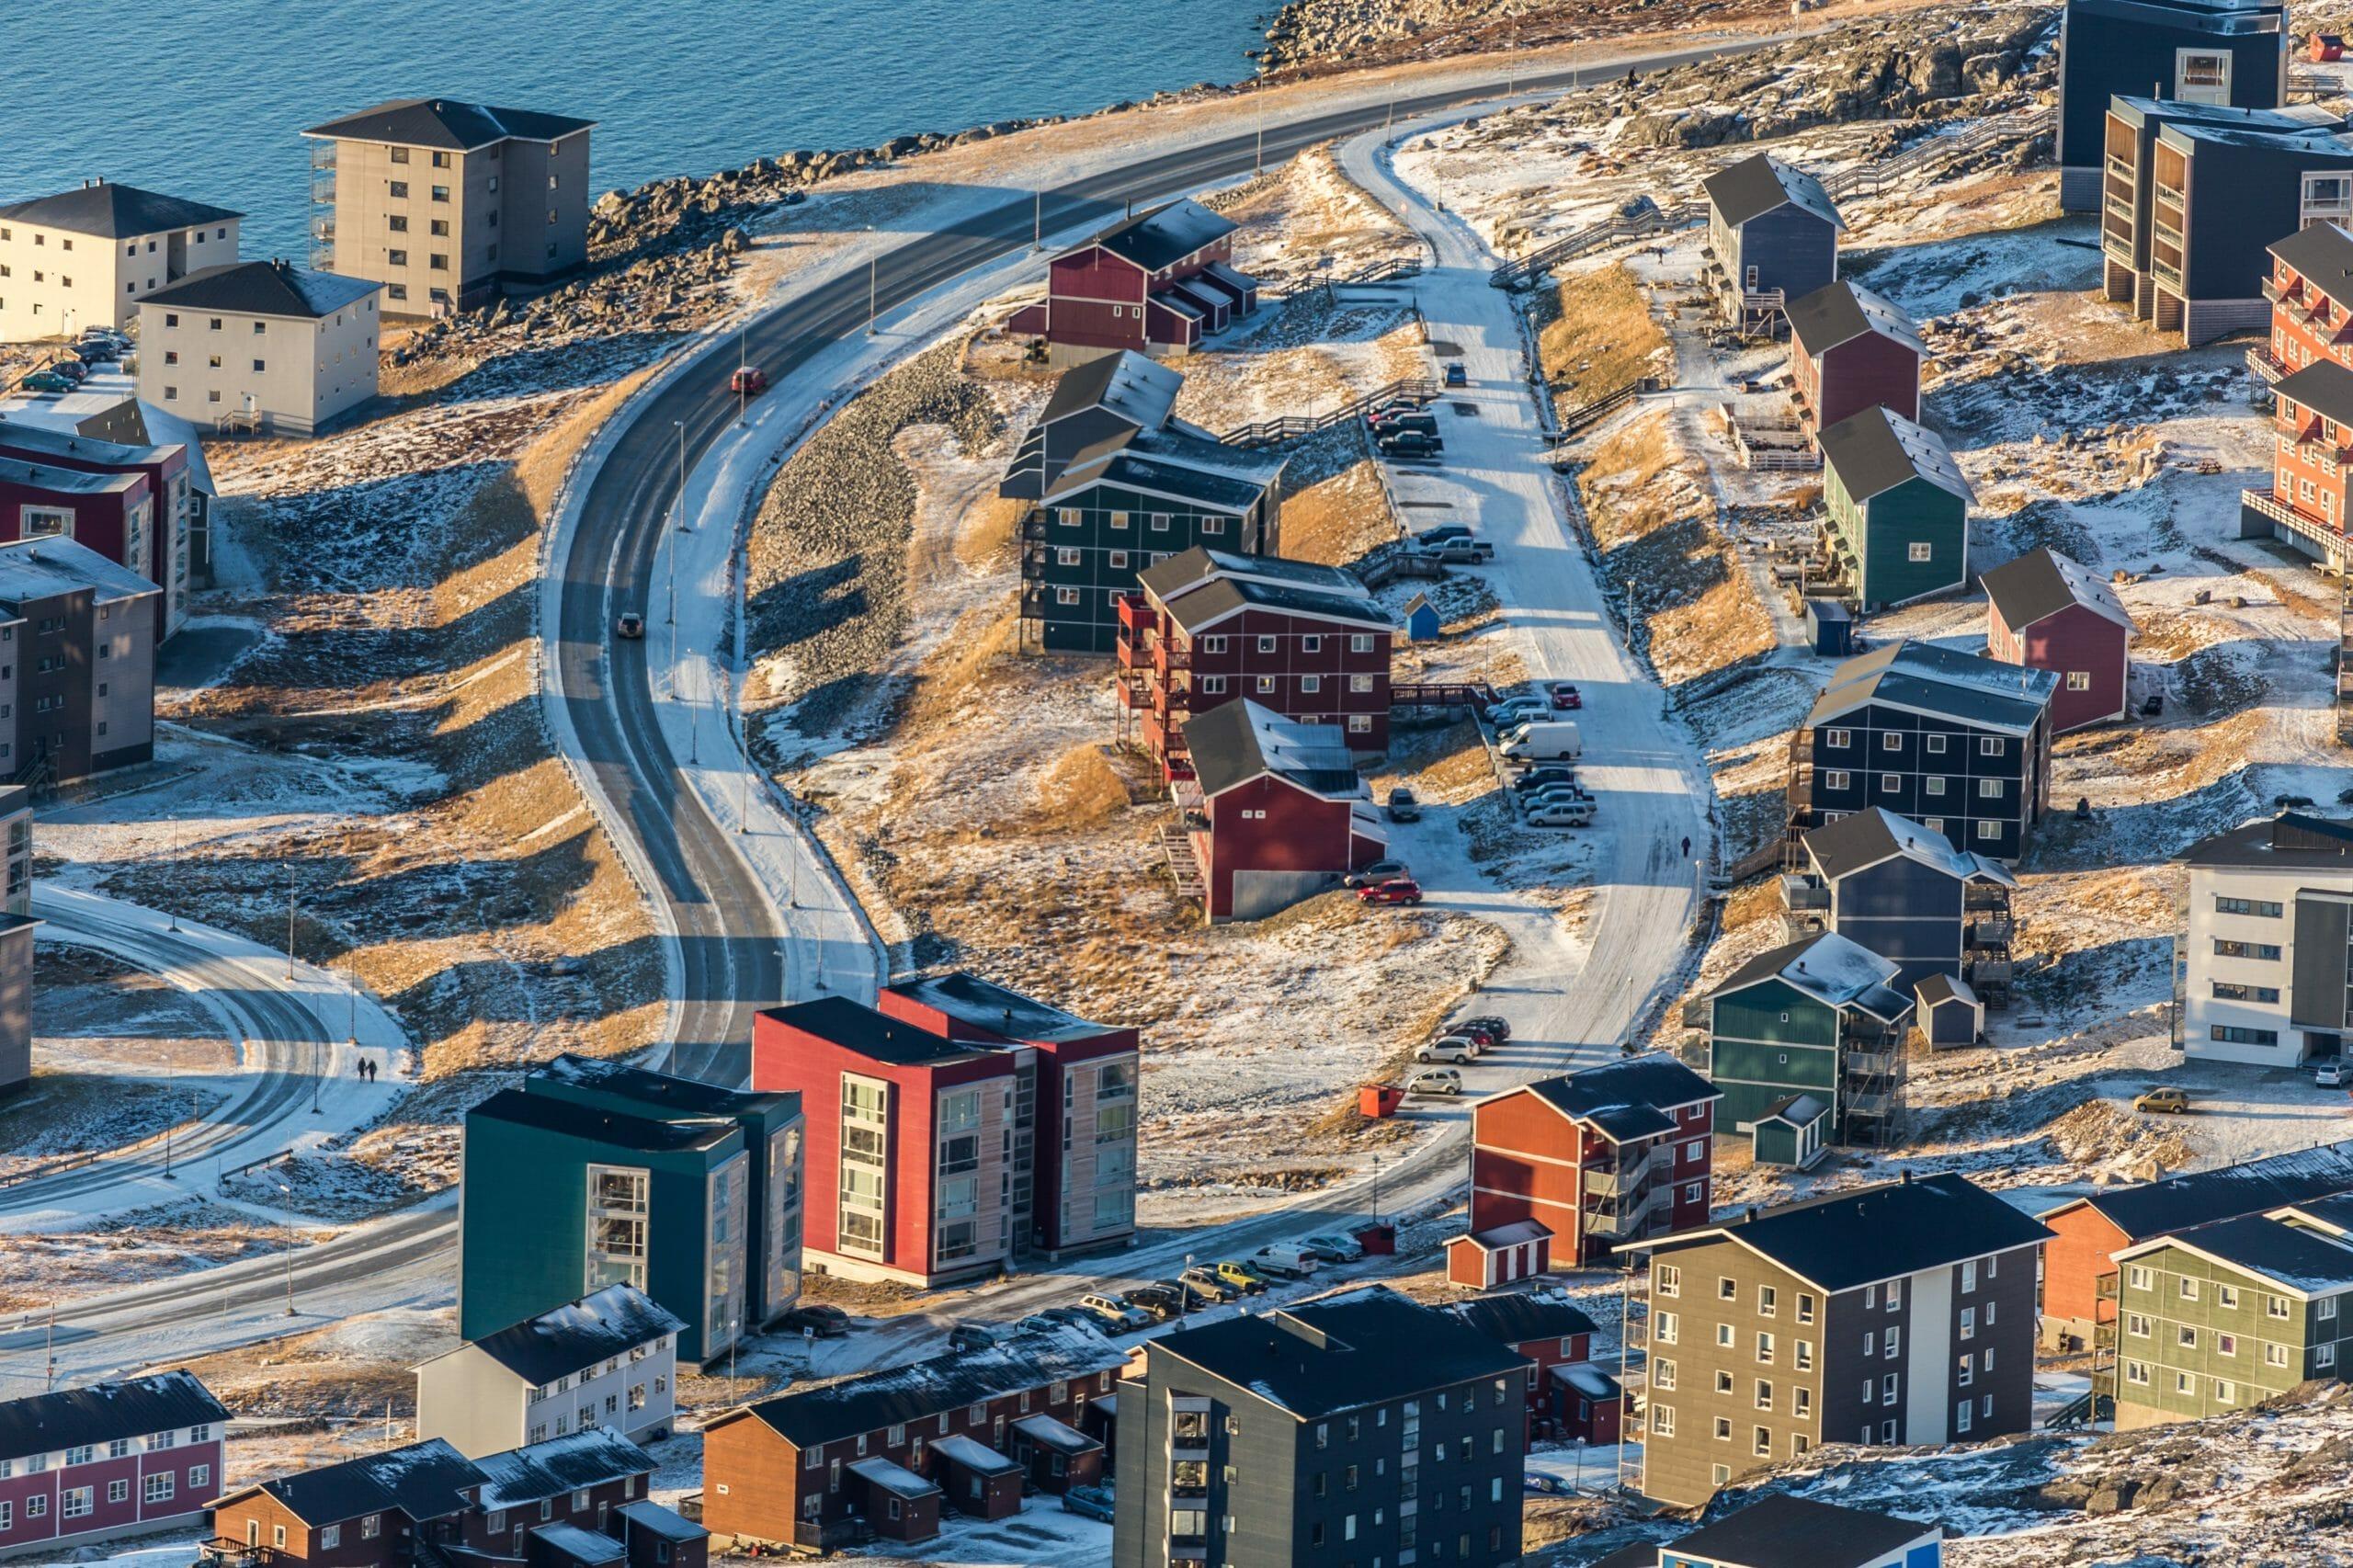 Grønlandsk selvstændighed fylder mere i Danmark end i Grønland